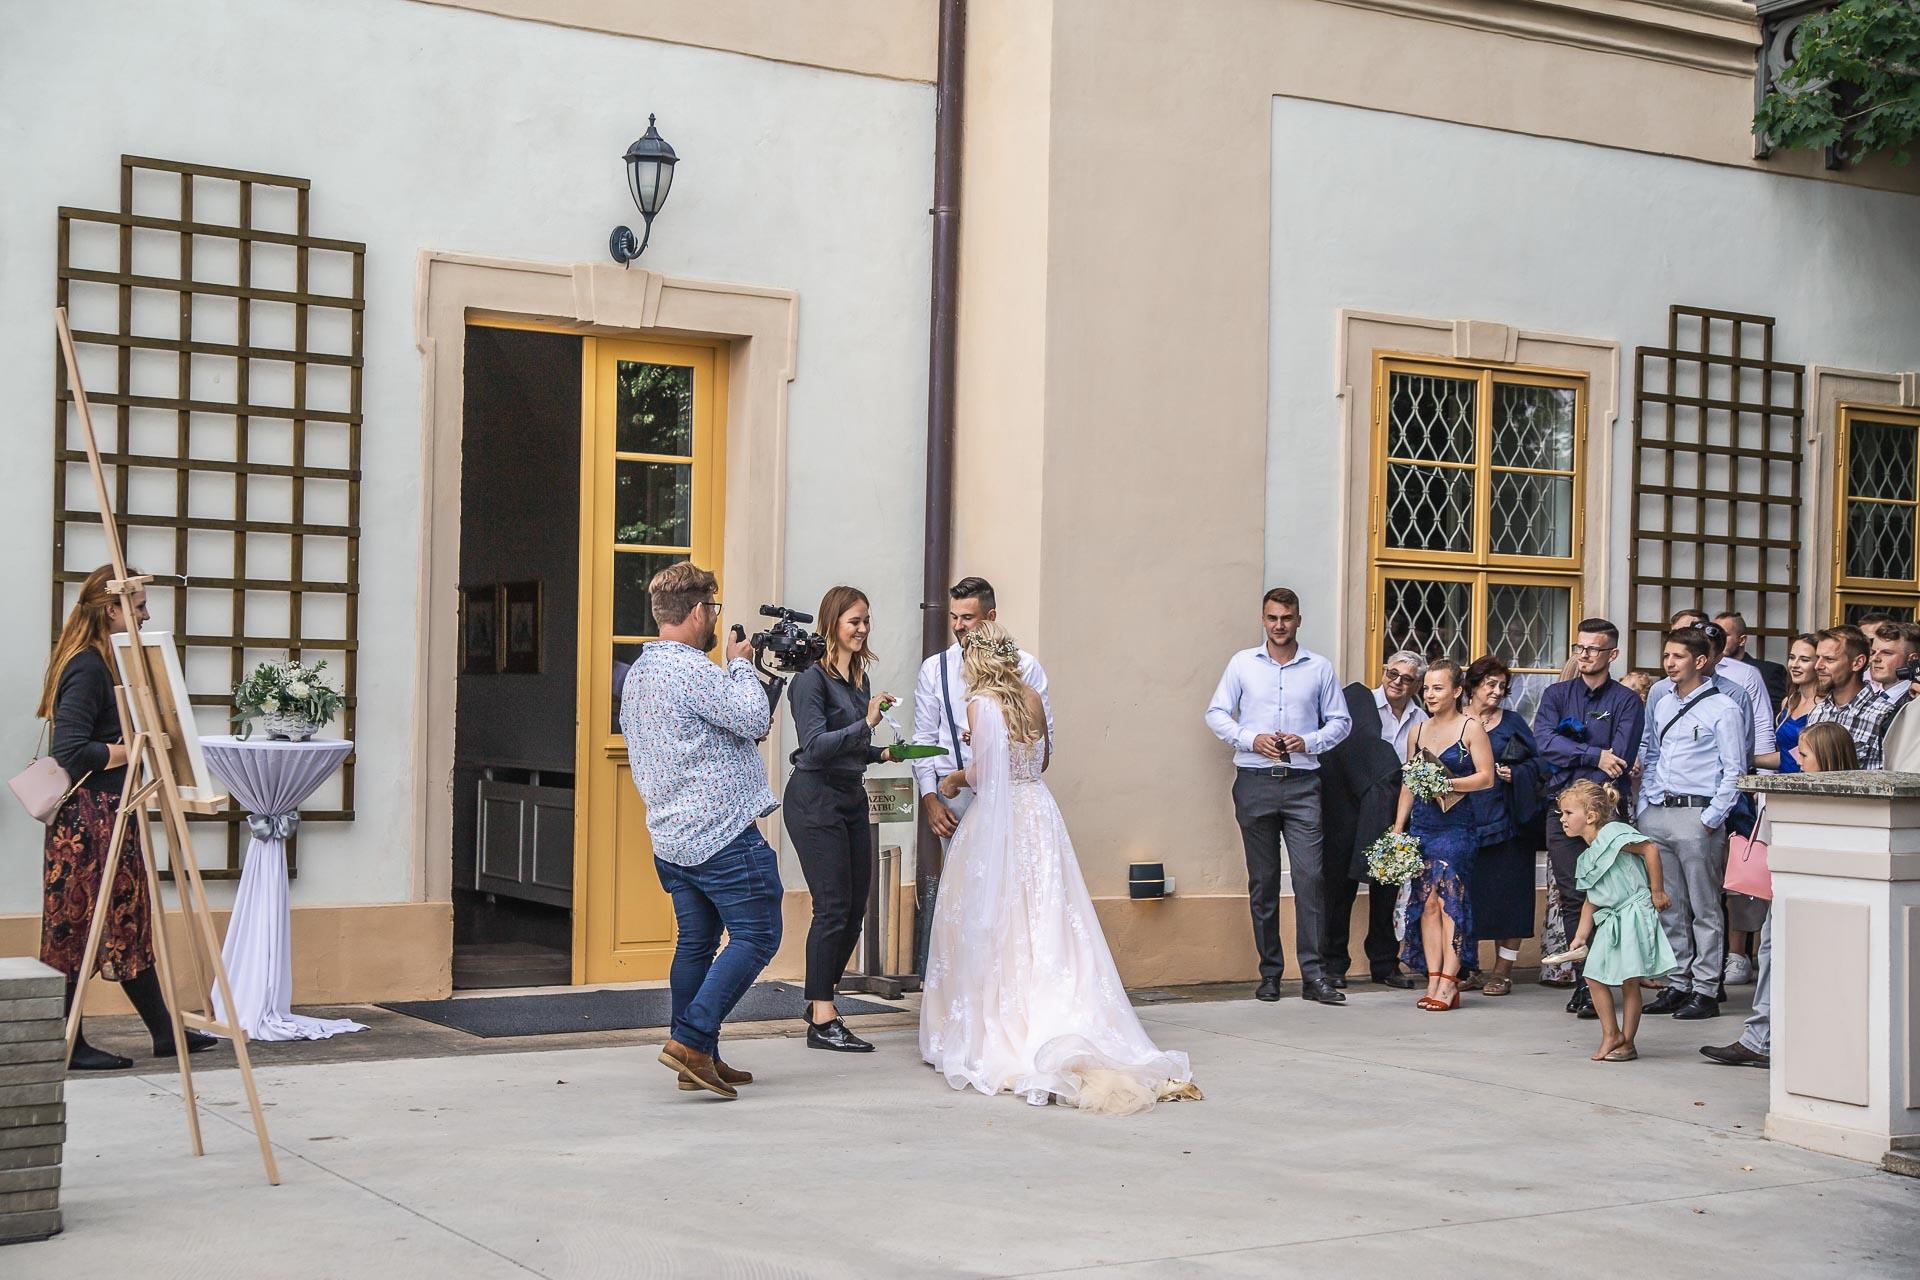 svatební-fotograf-zámek-Loučeň-svatební-video-zámek-Loučeň-4369